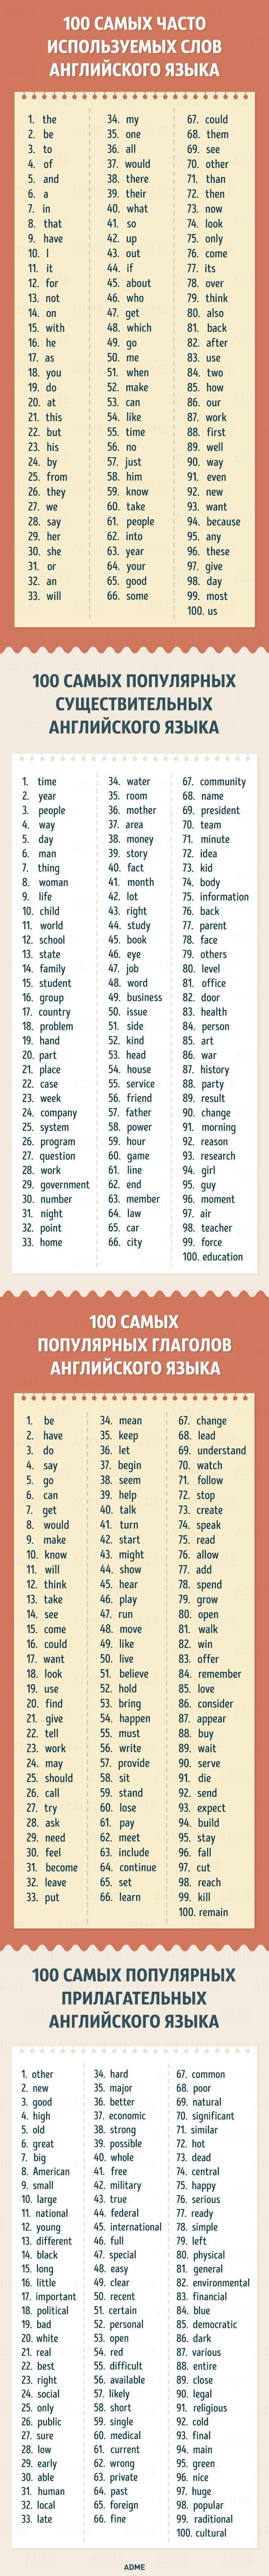 400 английских слов, которых будет достаточно для понимания75% текстов /\ Начать изучение: http://popularsale.ru/faststart3/?ref=80596&lnk=1442032